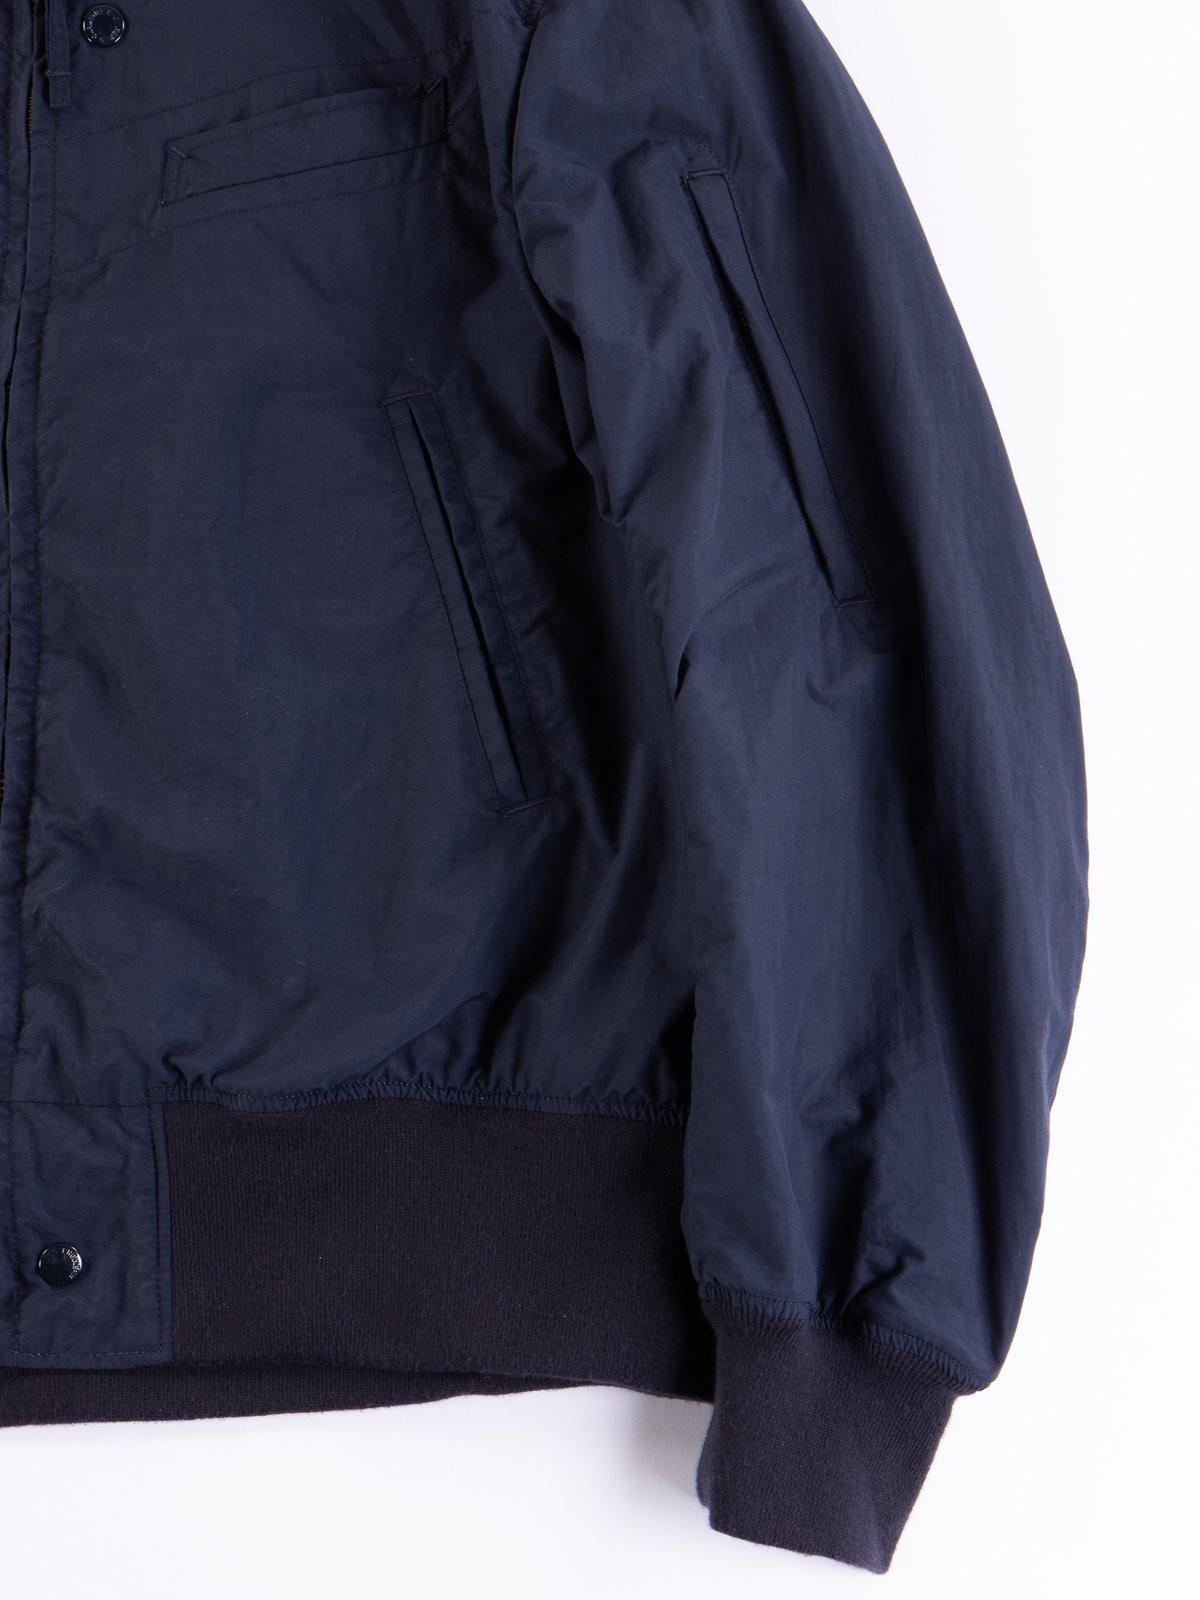 Navy Acrylic Coated Nylon Taffeta Aviator Jacket - Image 4